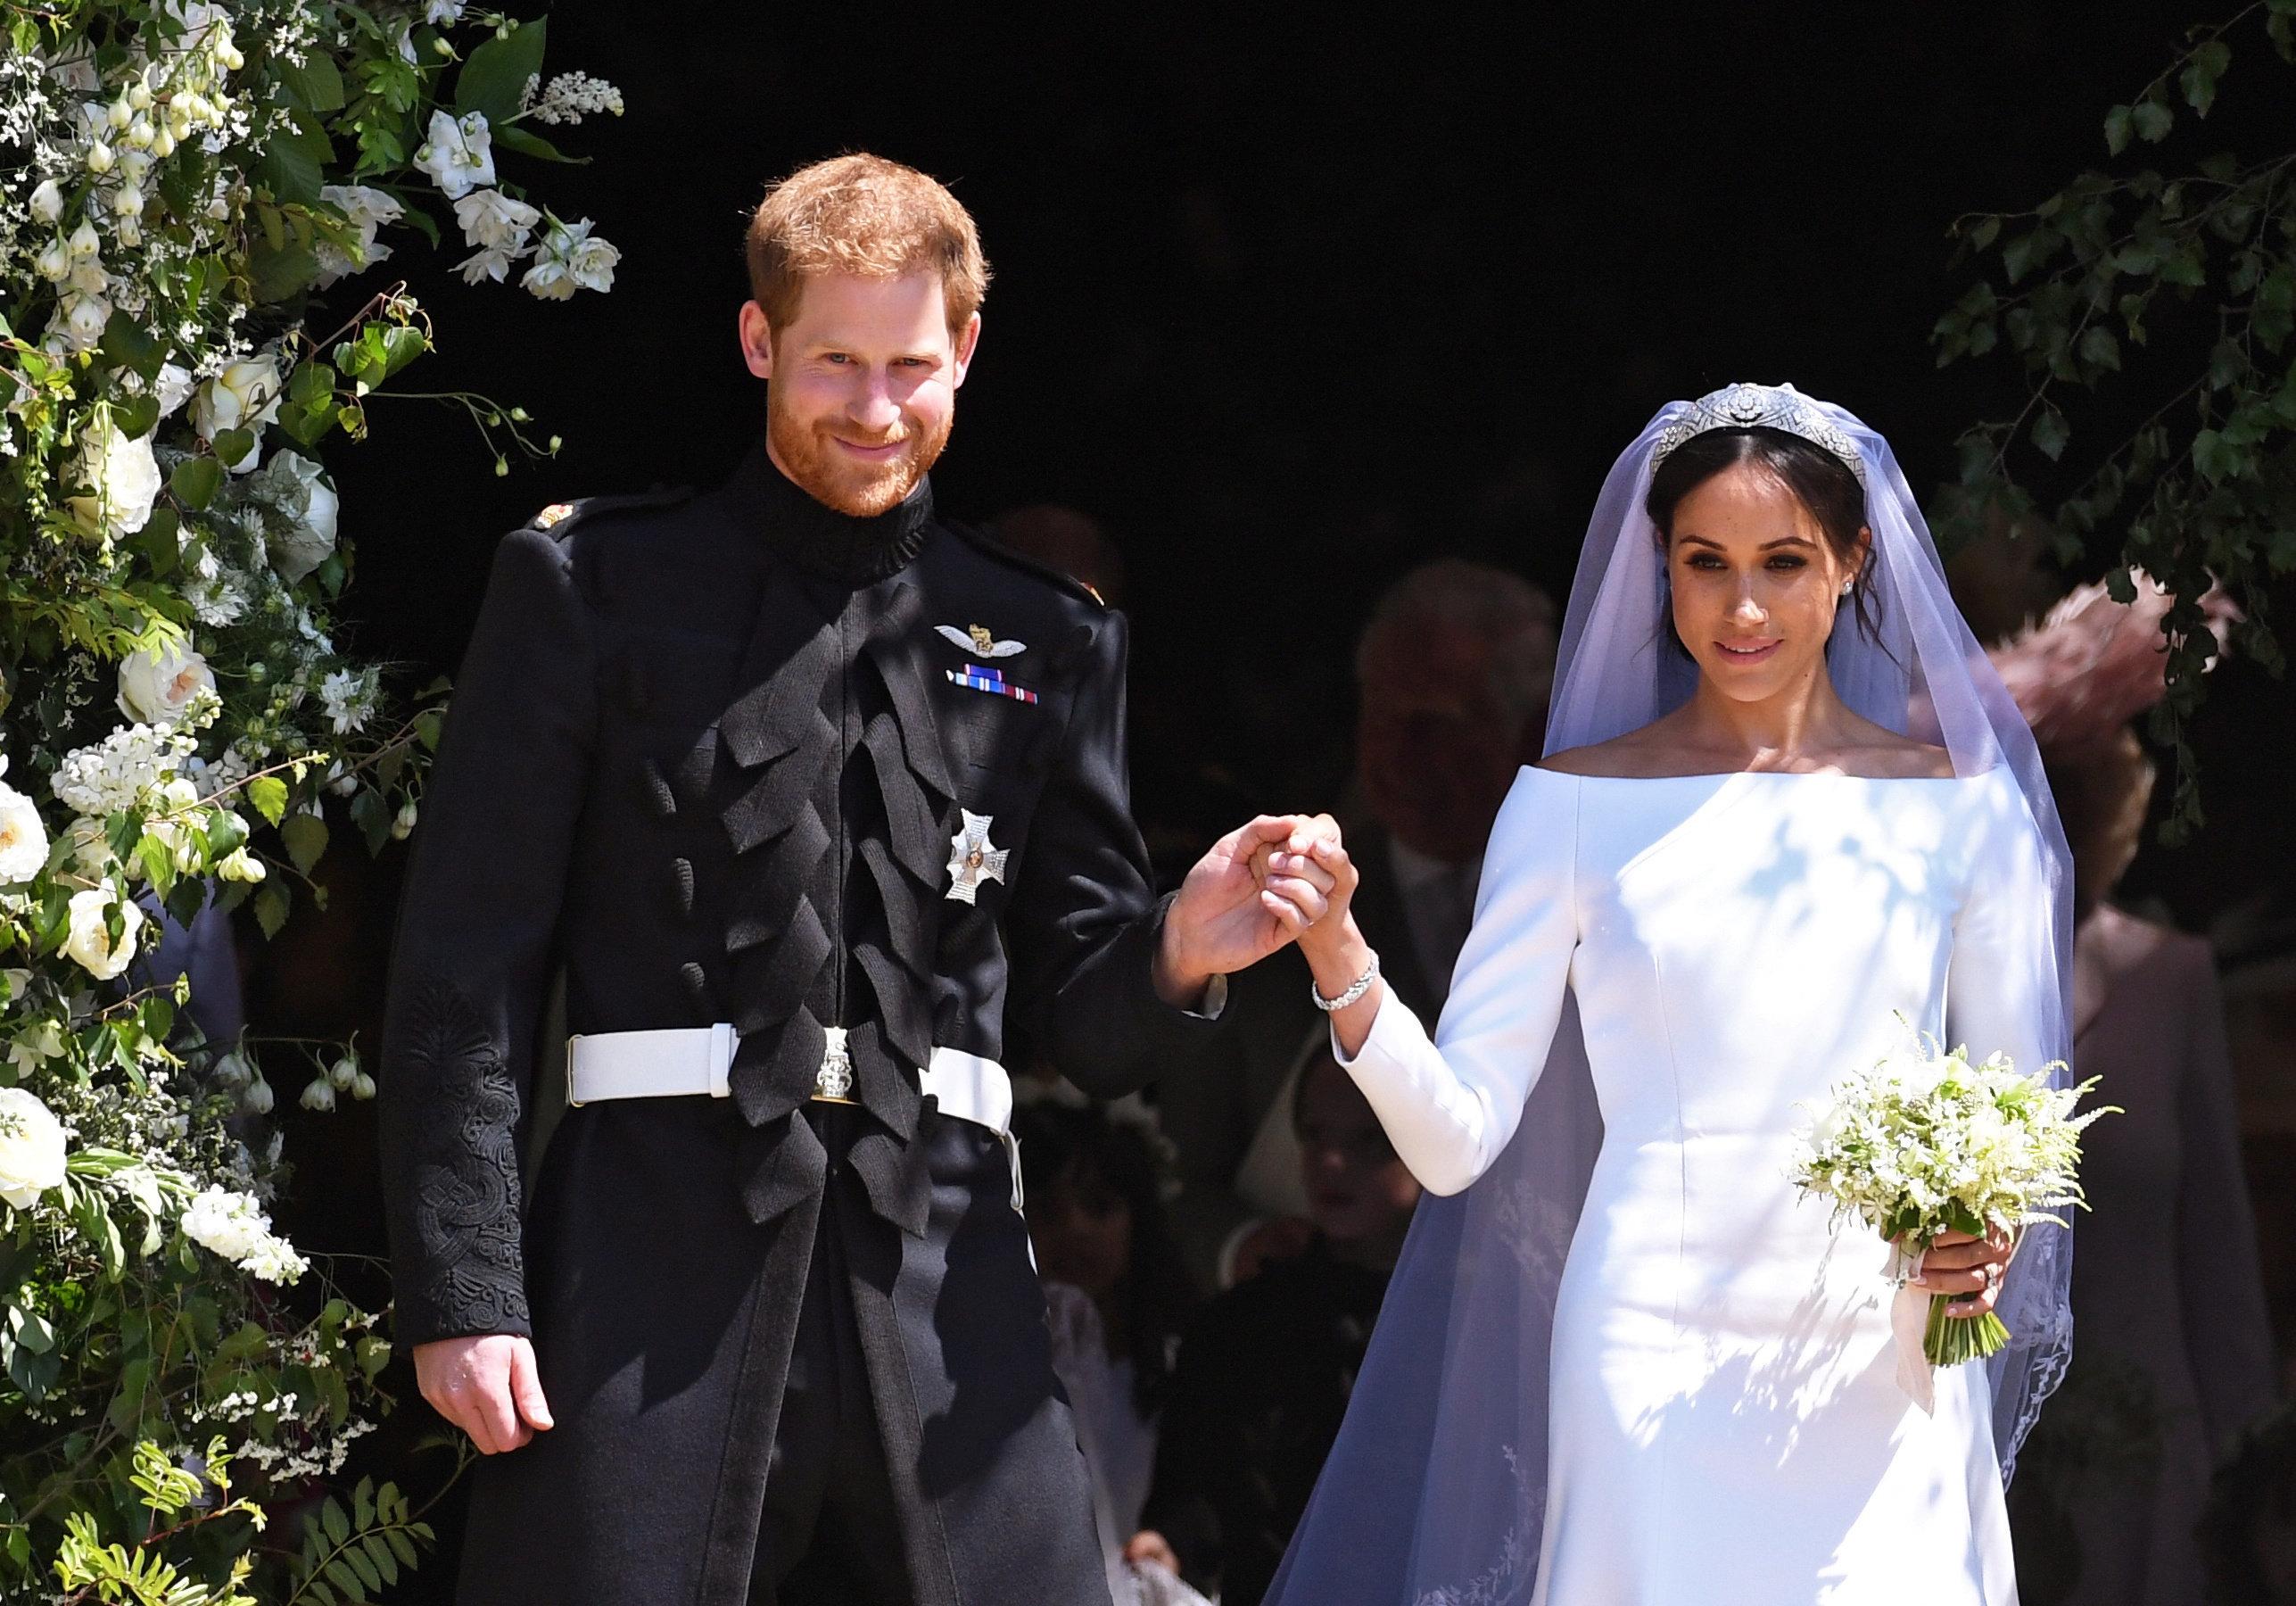 Το νυφικό της Μέγκαν και άλλα «μυστικά» του βασιλικού γάμου σε έκθεση για το